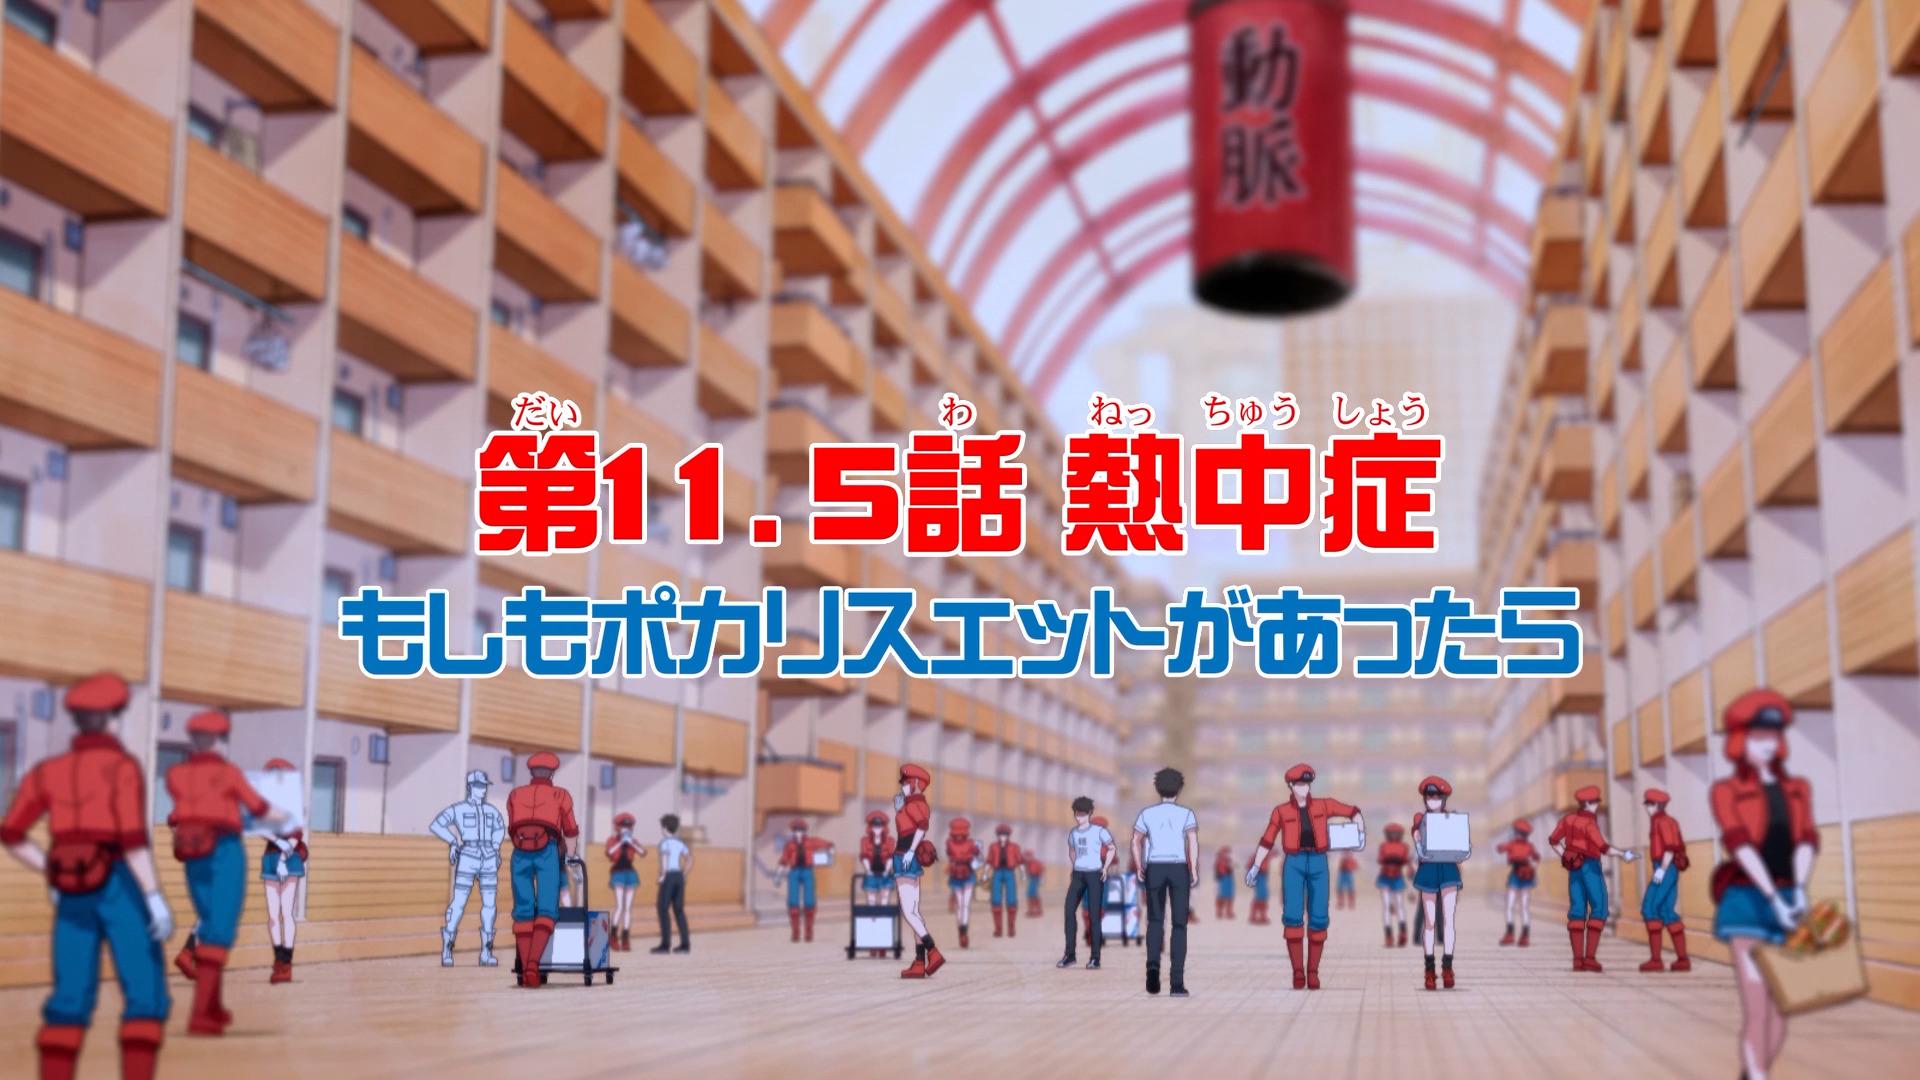 健康飲料「ポカリスエット」と体内細胞擬人化TVアニメ「はたらく細胞」がスペシャルタッグ01